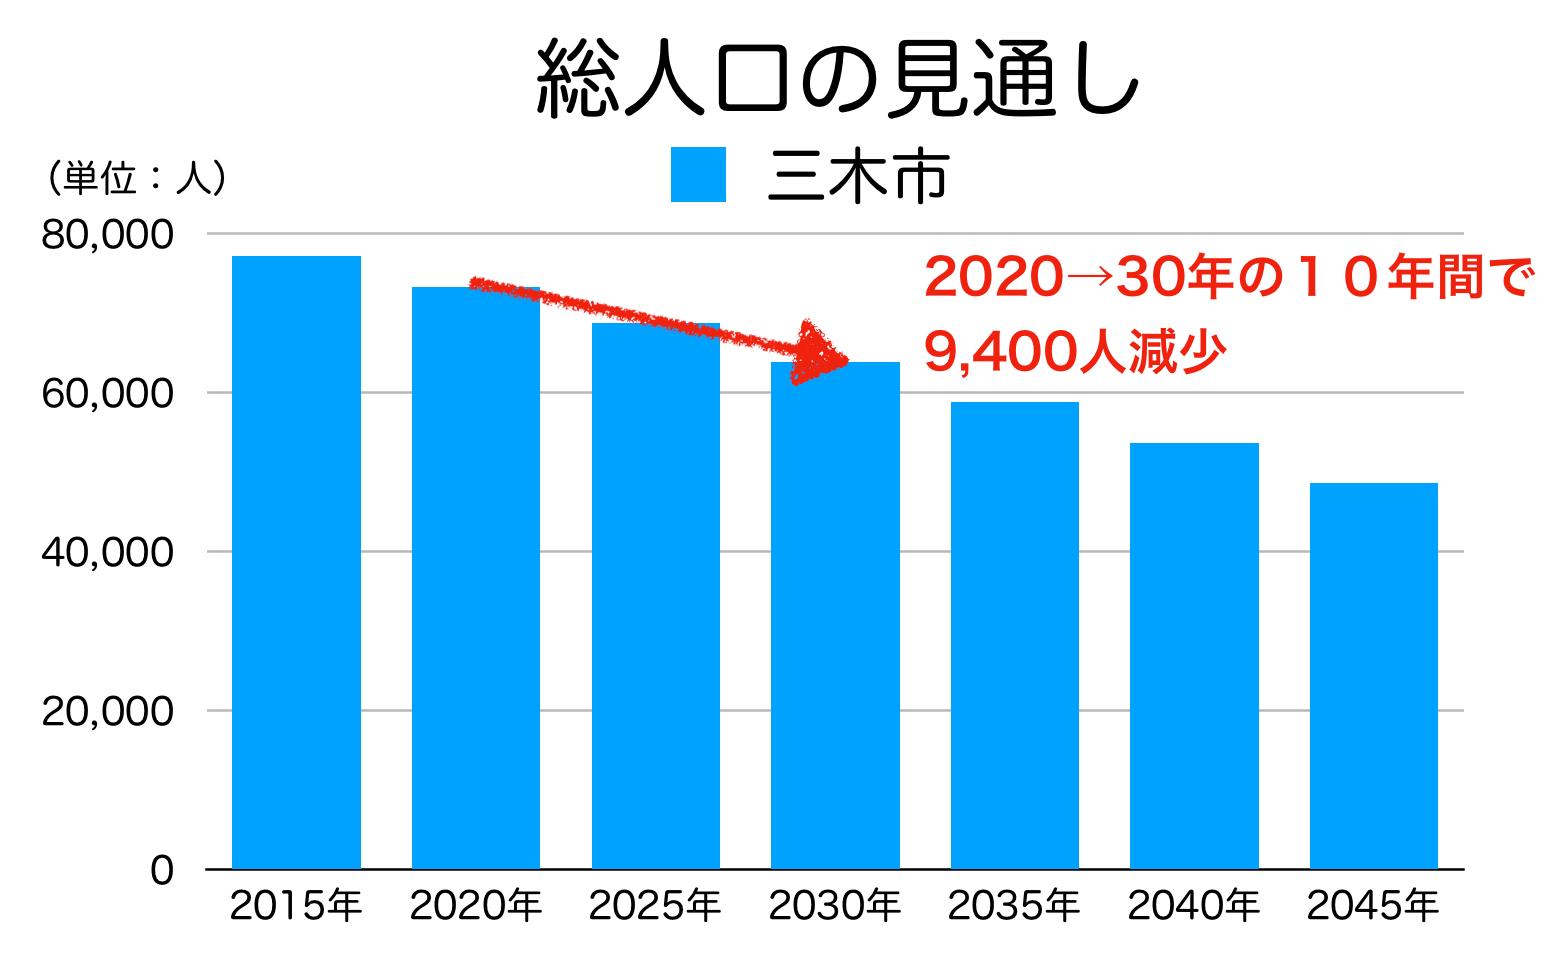 三木市の人口予測